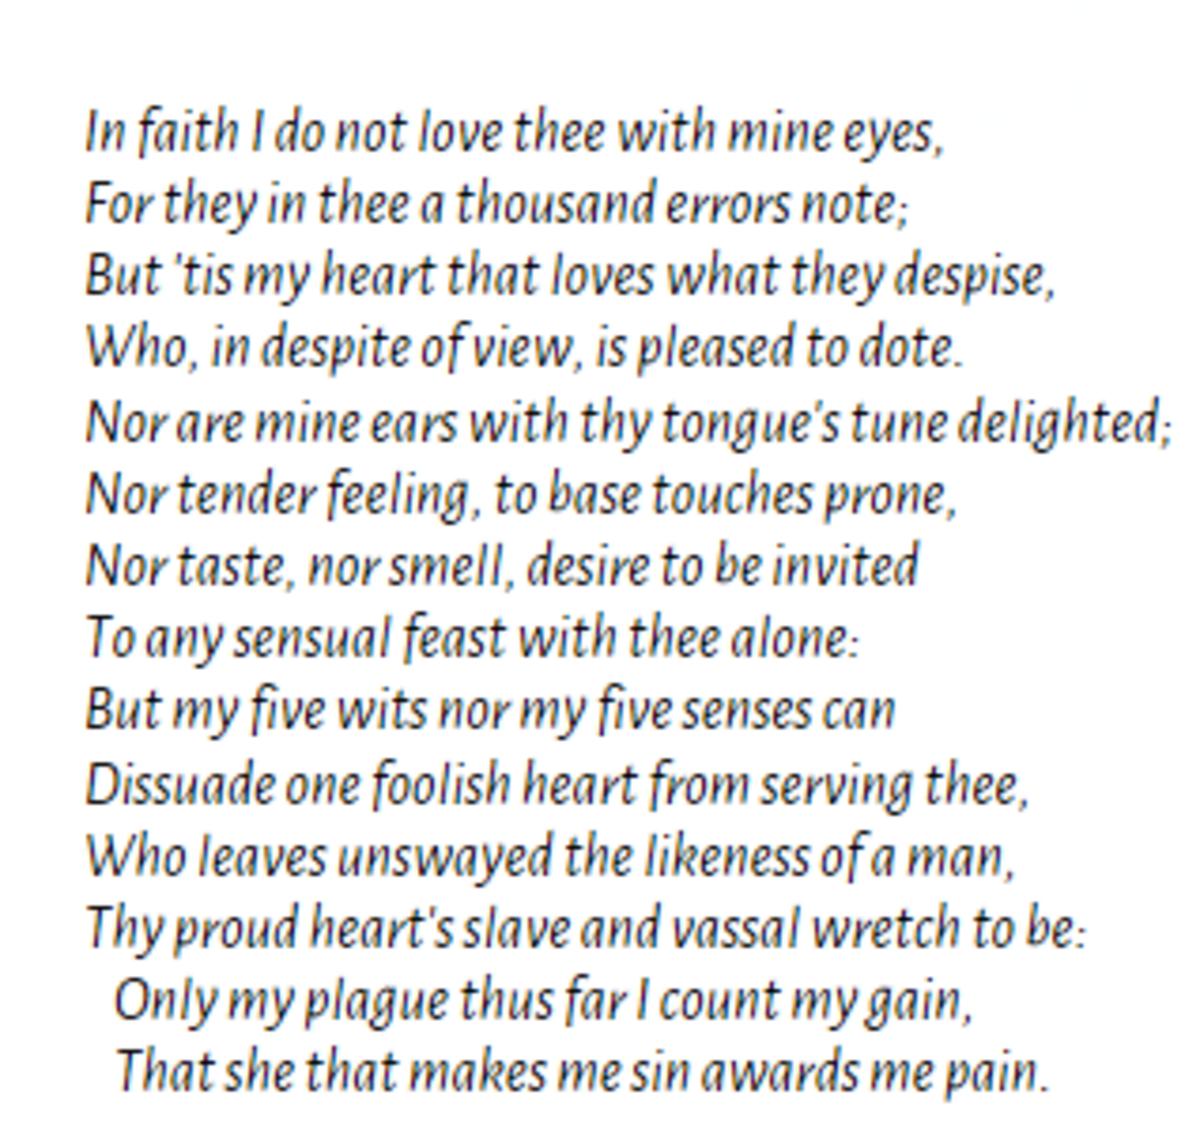 Shakespeare's Sonnet 141